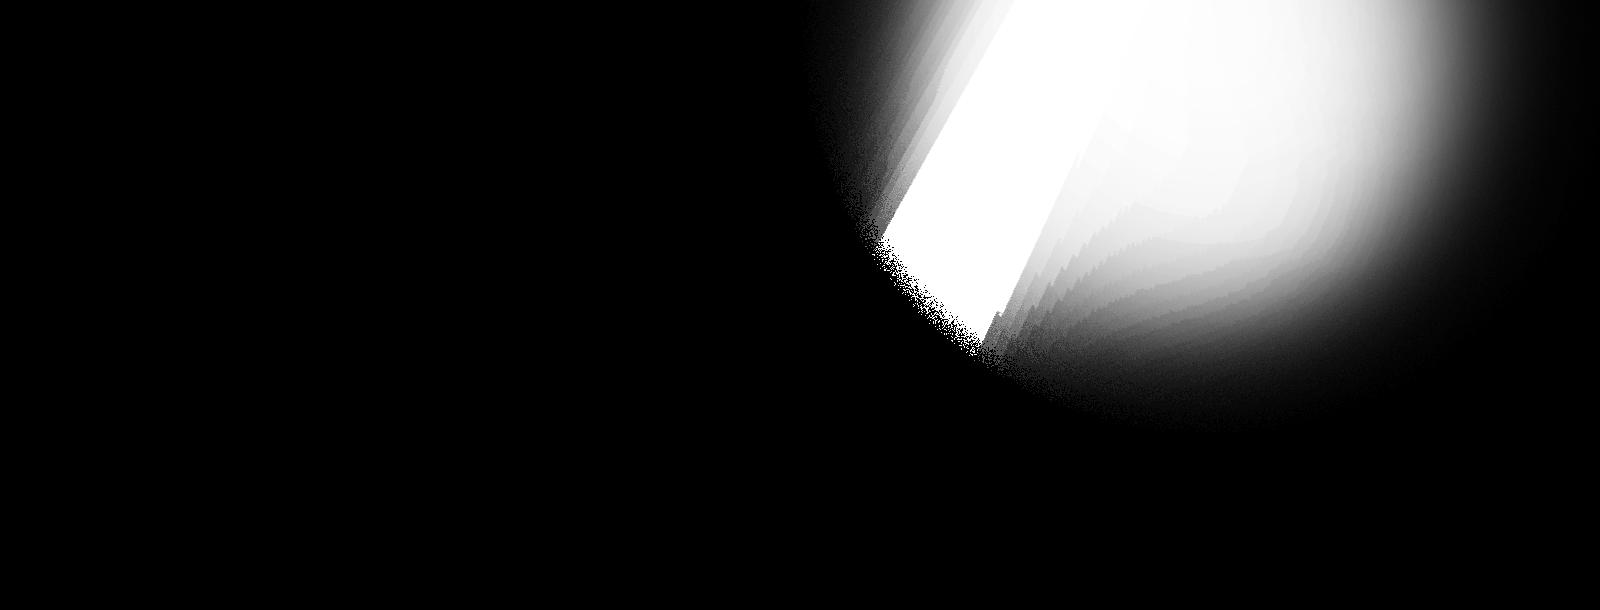 Slide Overlay